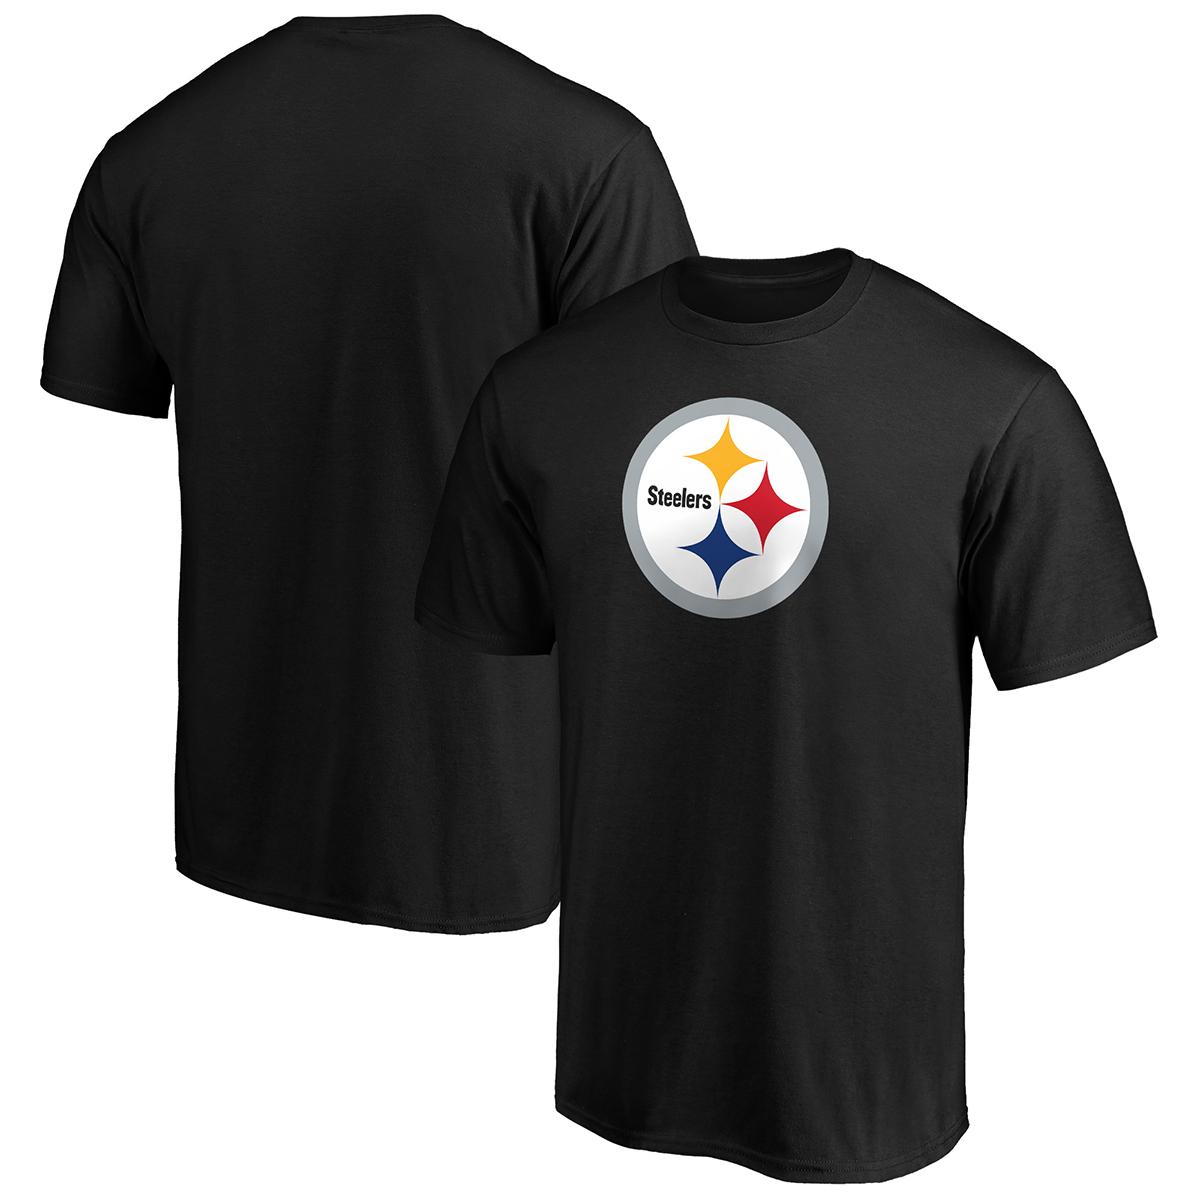 Pittsburgh Steelers Men's Primary Logo Short-Sleeve Tee - Black, XL